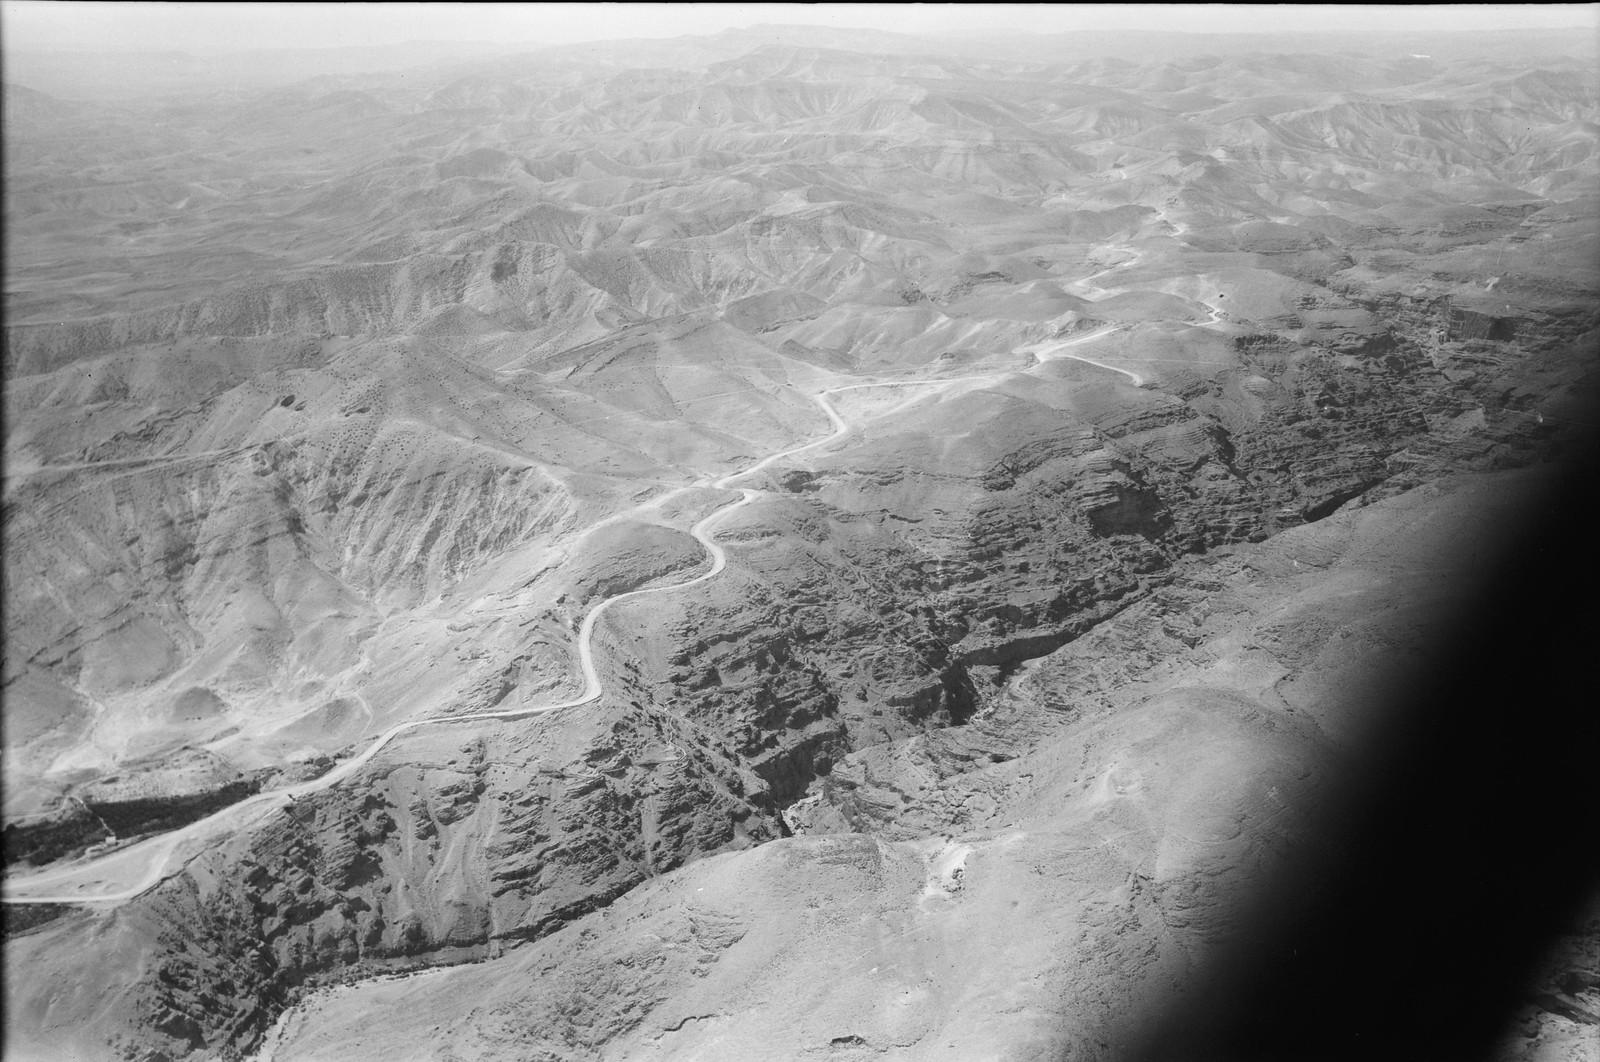 07. Воздушный маршрут по старой дороге Иерусалим-Иерихон. Иерихонская дорога. Крутой подъем с равнины. Вид через ущелье Черит